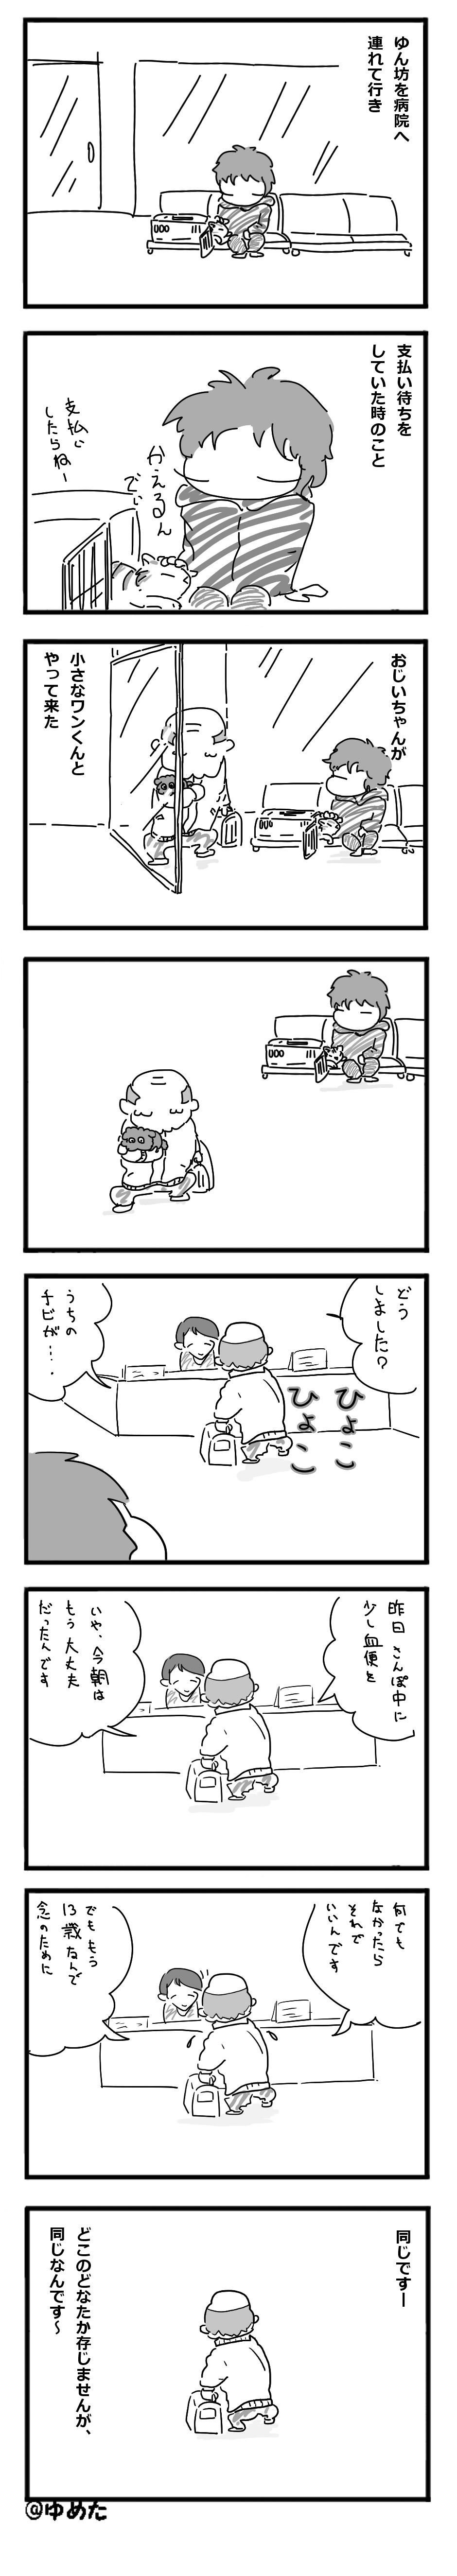 ミートゥー2-2-2